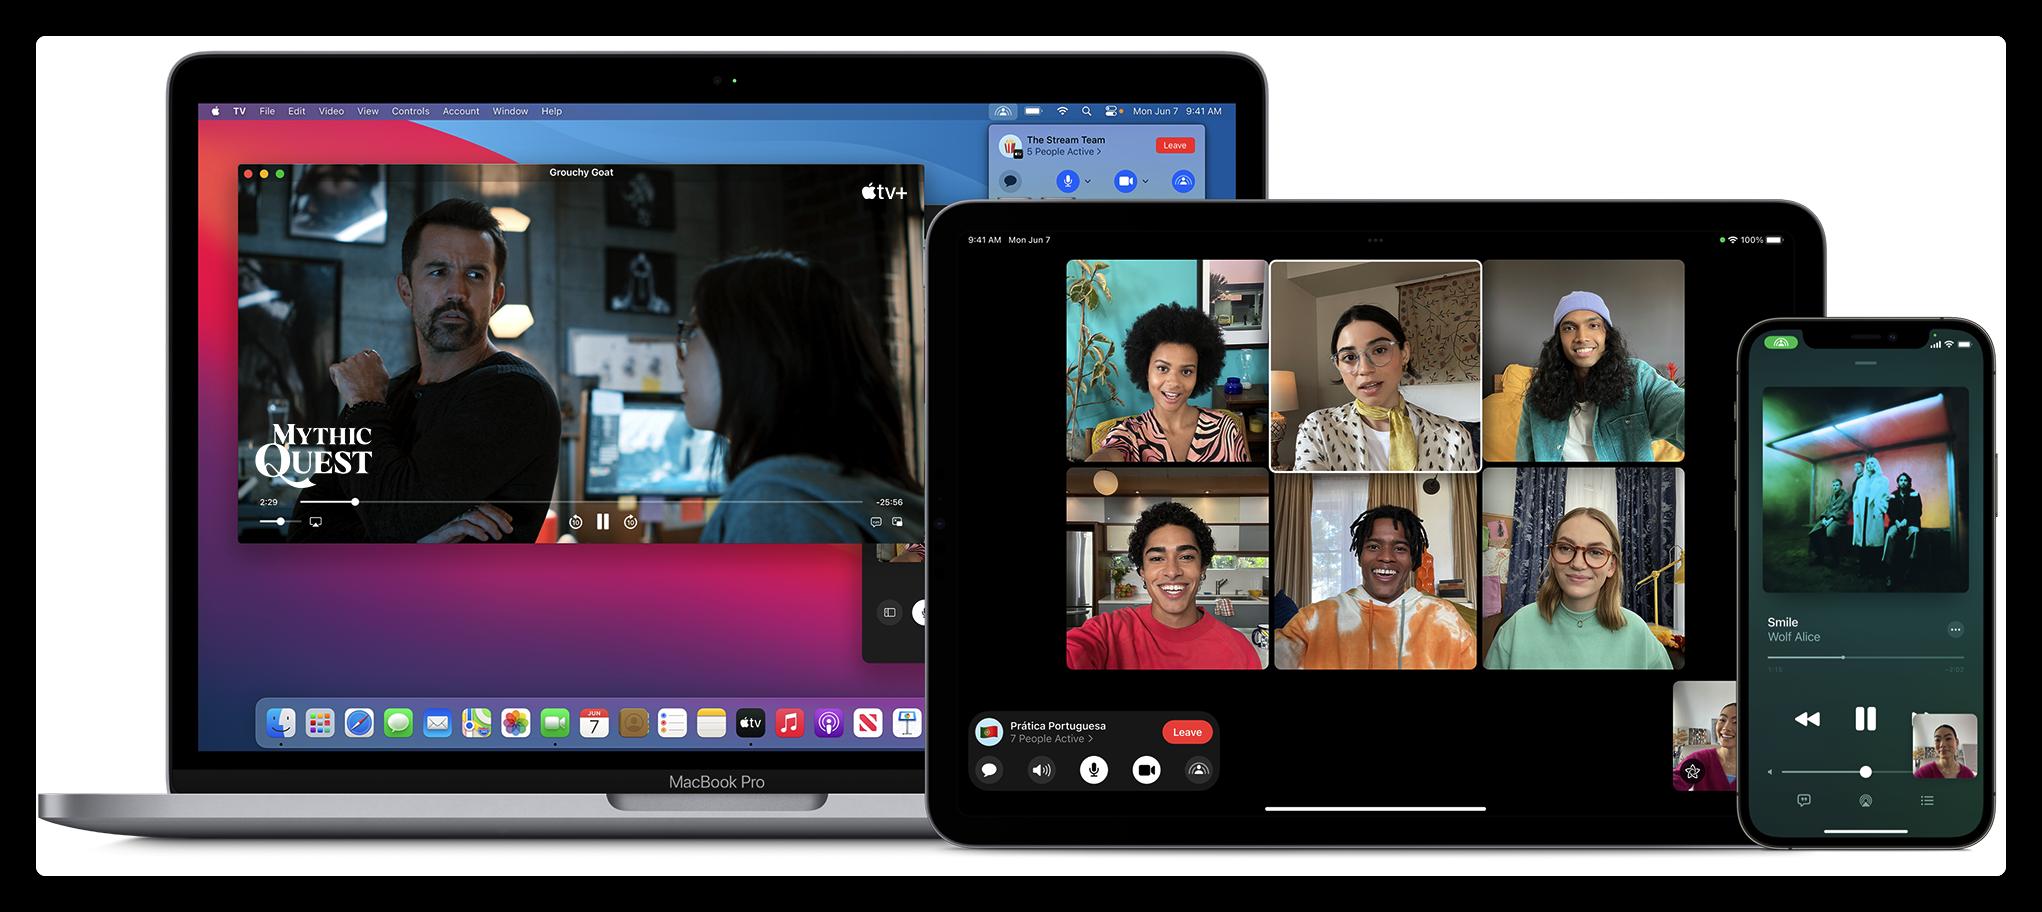 Apple更新:接入SharePlay 在FaceTime通话时共享此应用,如一起视频且观看电影?